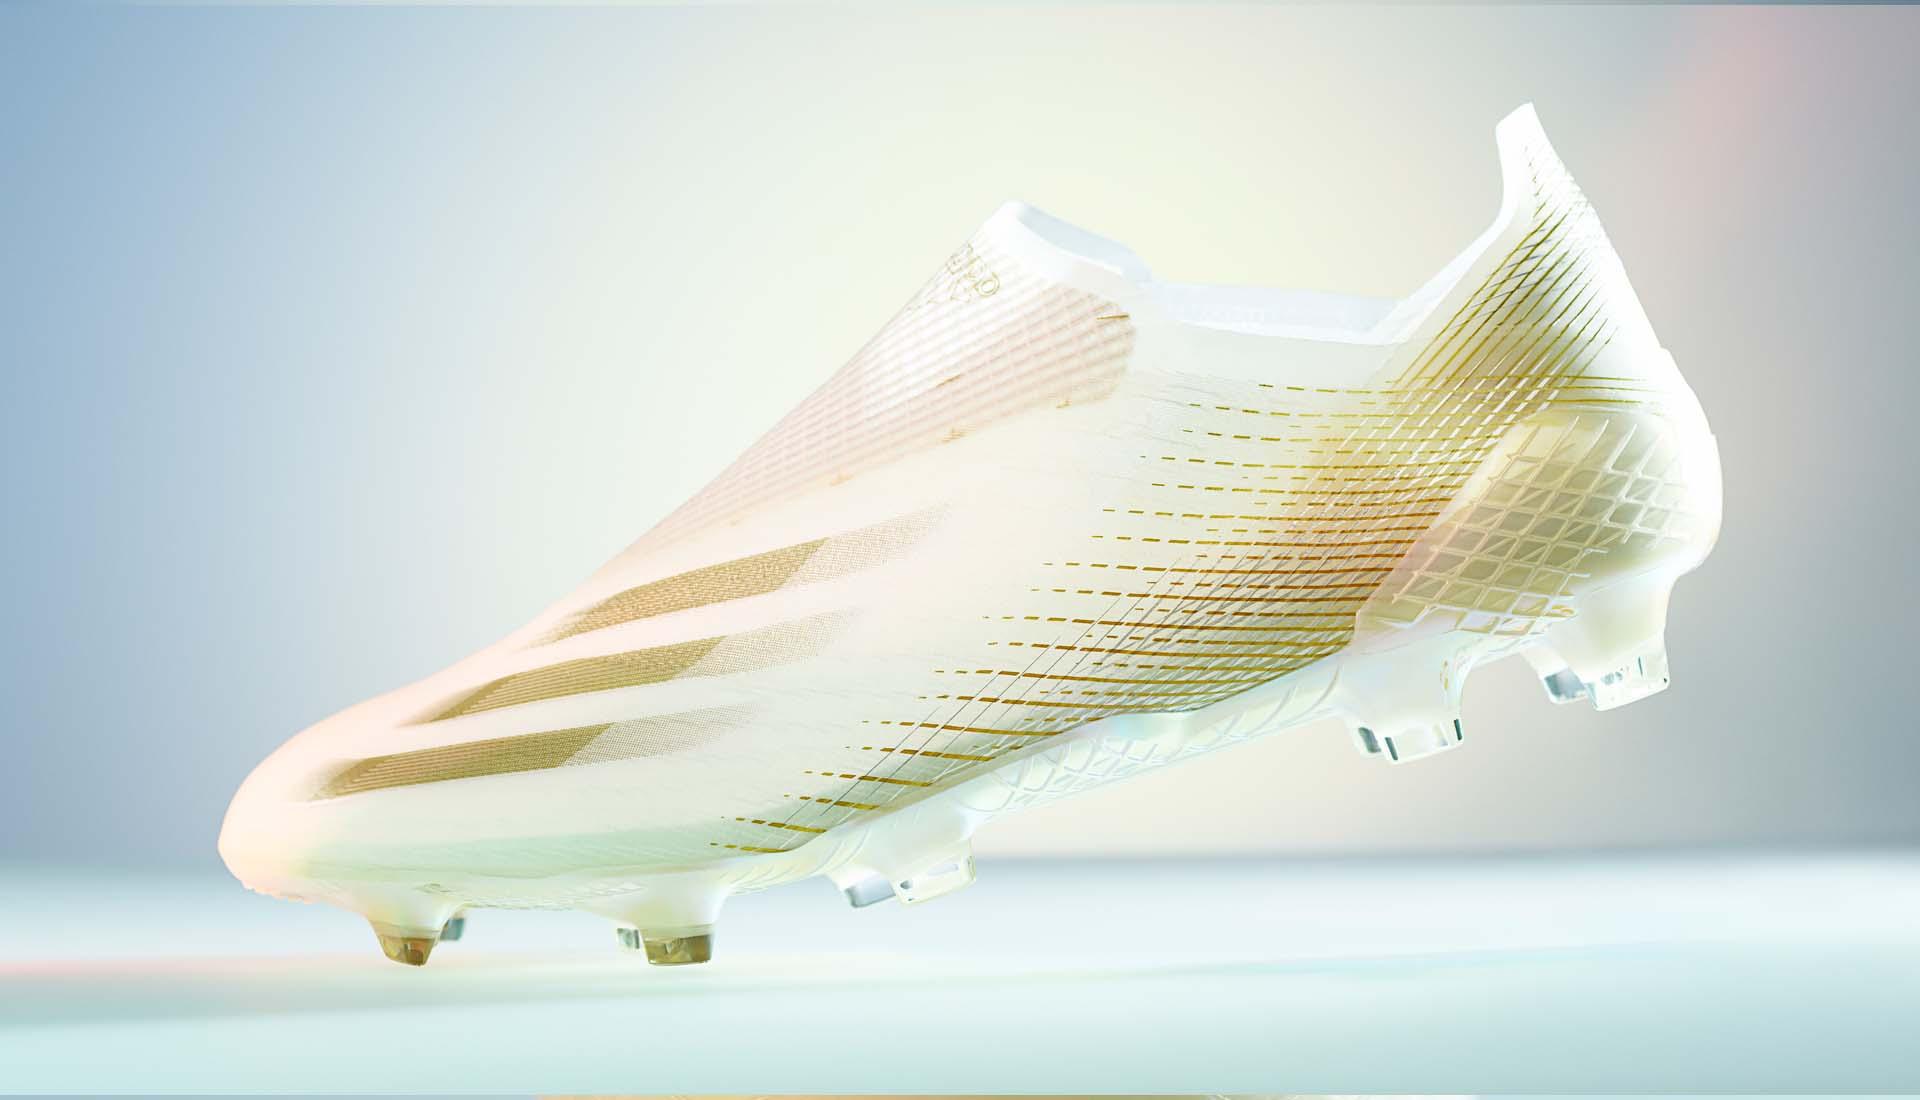 Adidas X Ghosted là một dòng giày bóng đá chuyên nghiệp có trọng lượng nhẹ